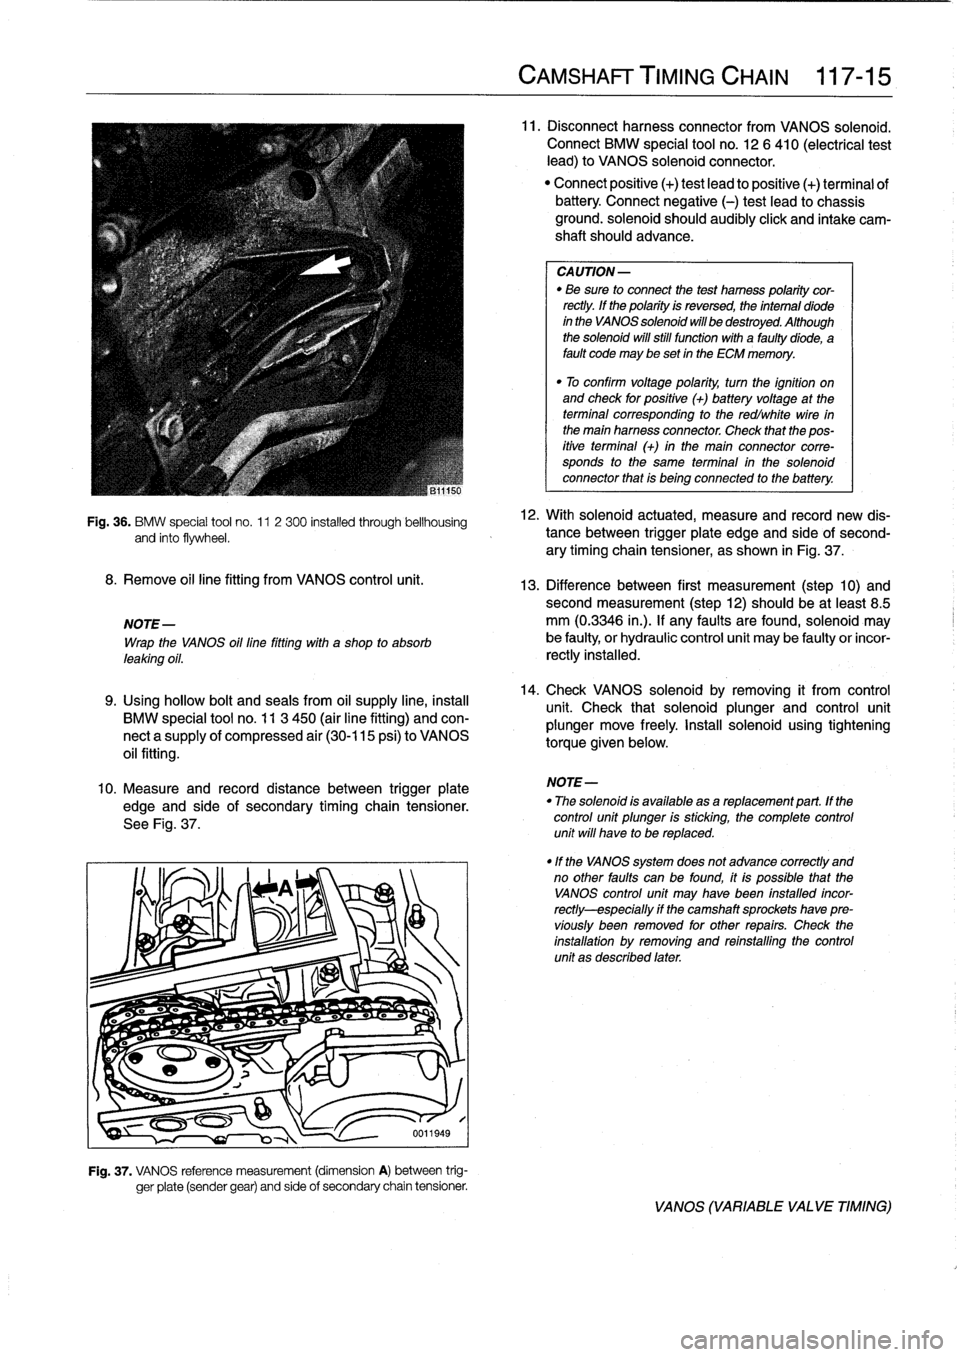 service manual pdf 1993 bmw m5 workshop manuals. Black Bedroom Furniture Sets. Home Design Ideas